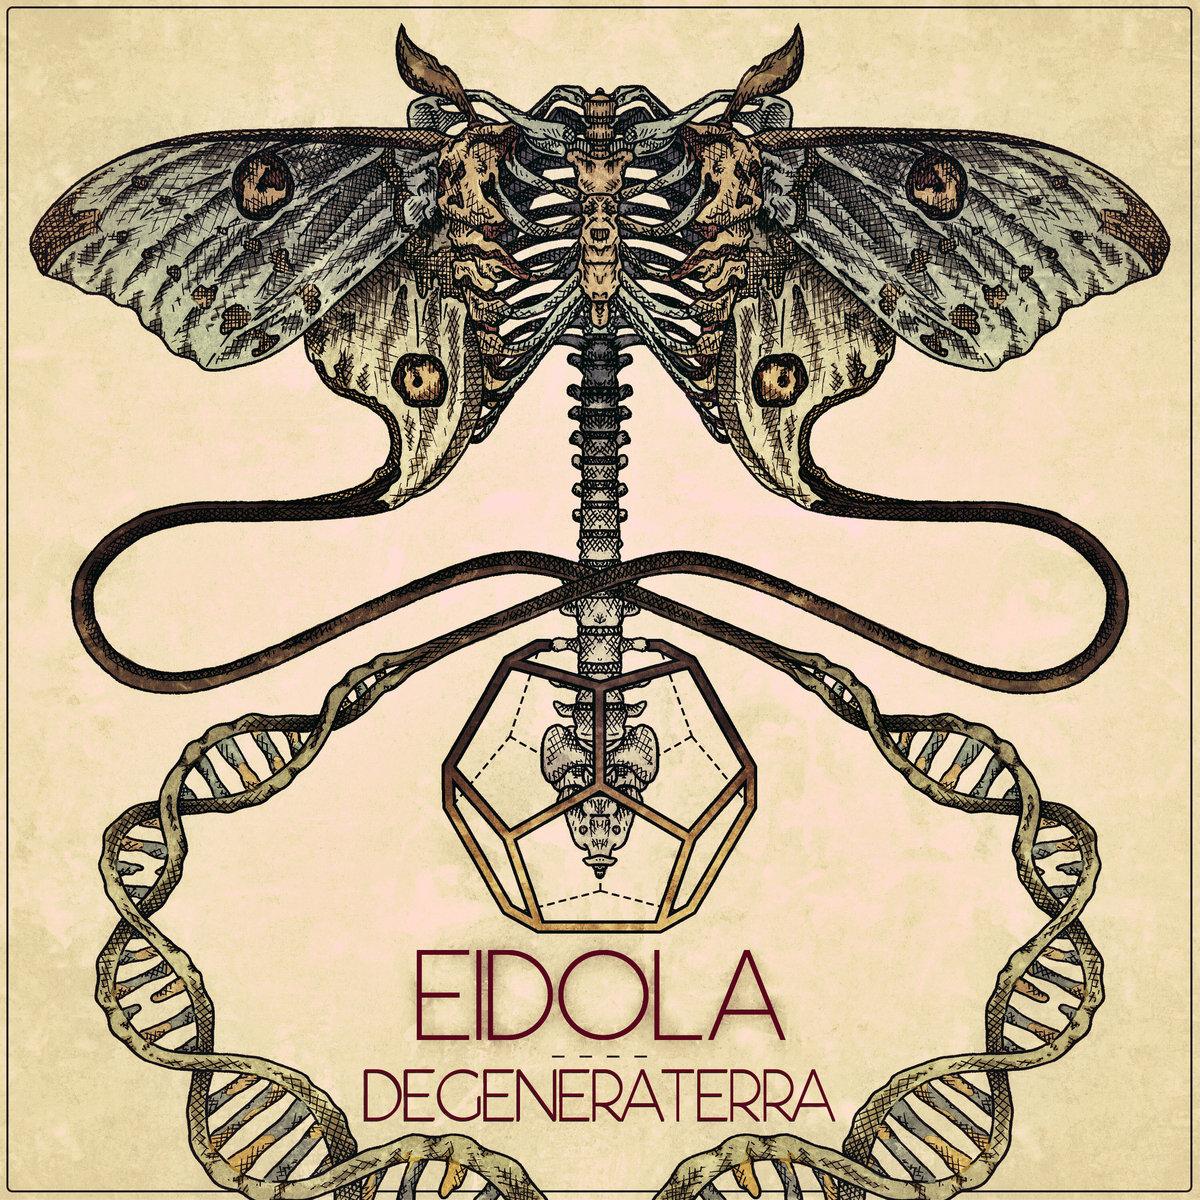 27. Eidola - Degeneraterra